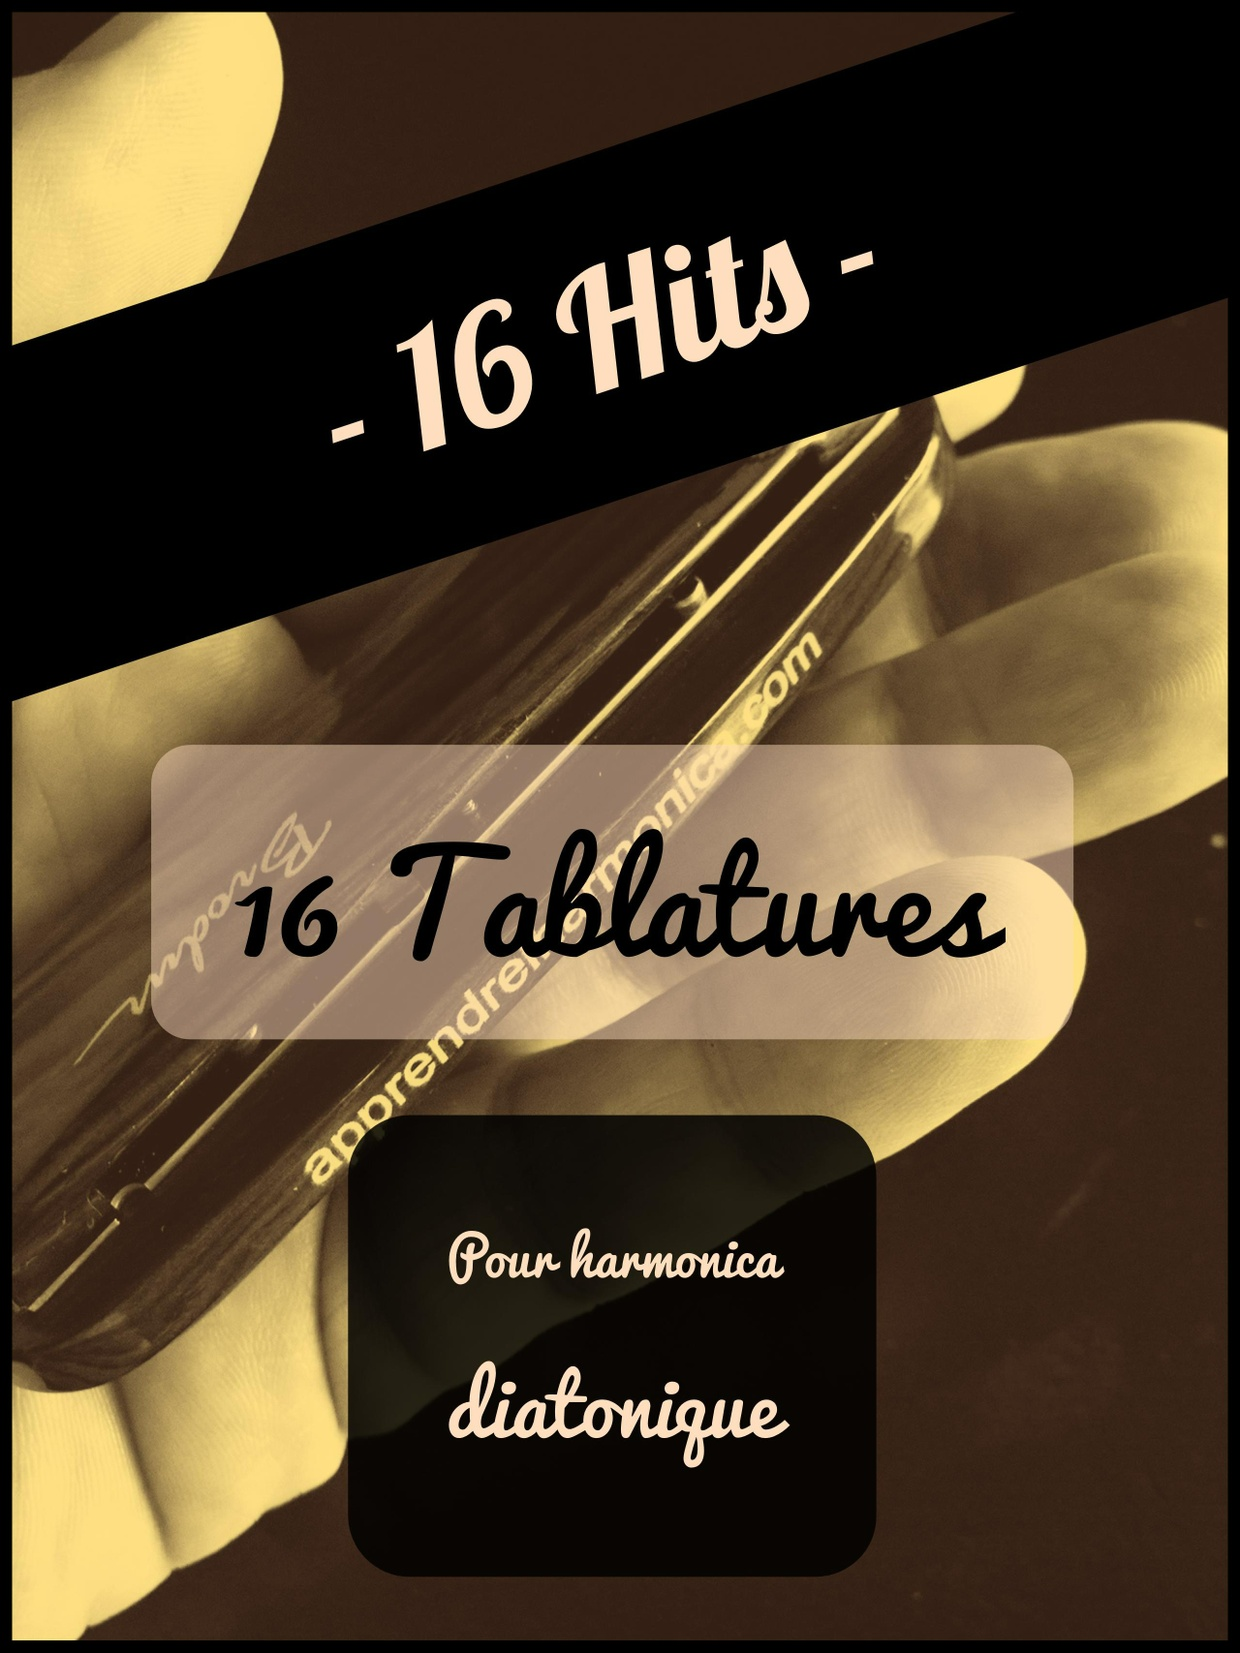 Recueil de 16 tablatures - 16 Hits - Harmonica diatonique